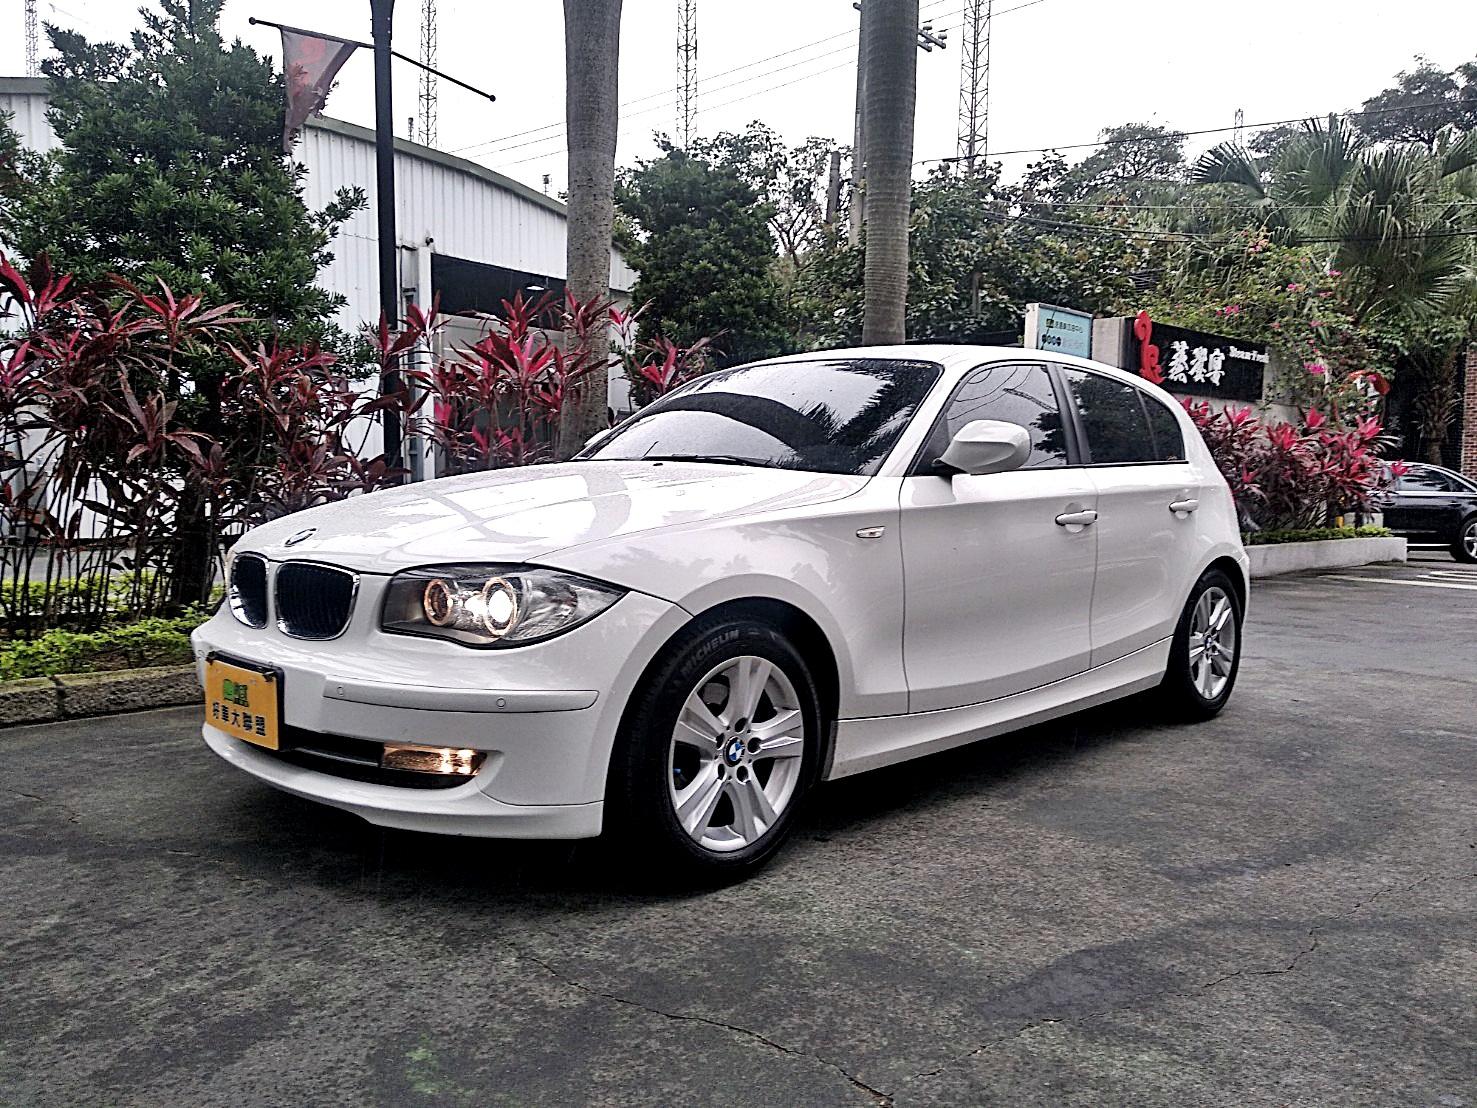 2010 BMW 寶馬 1 series